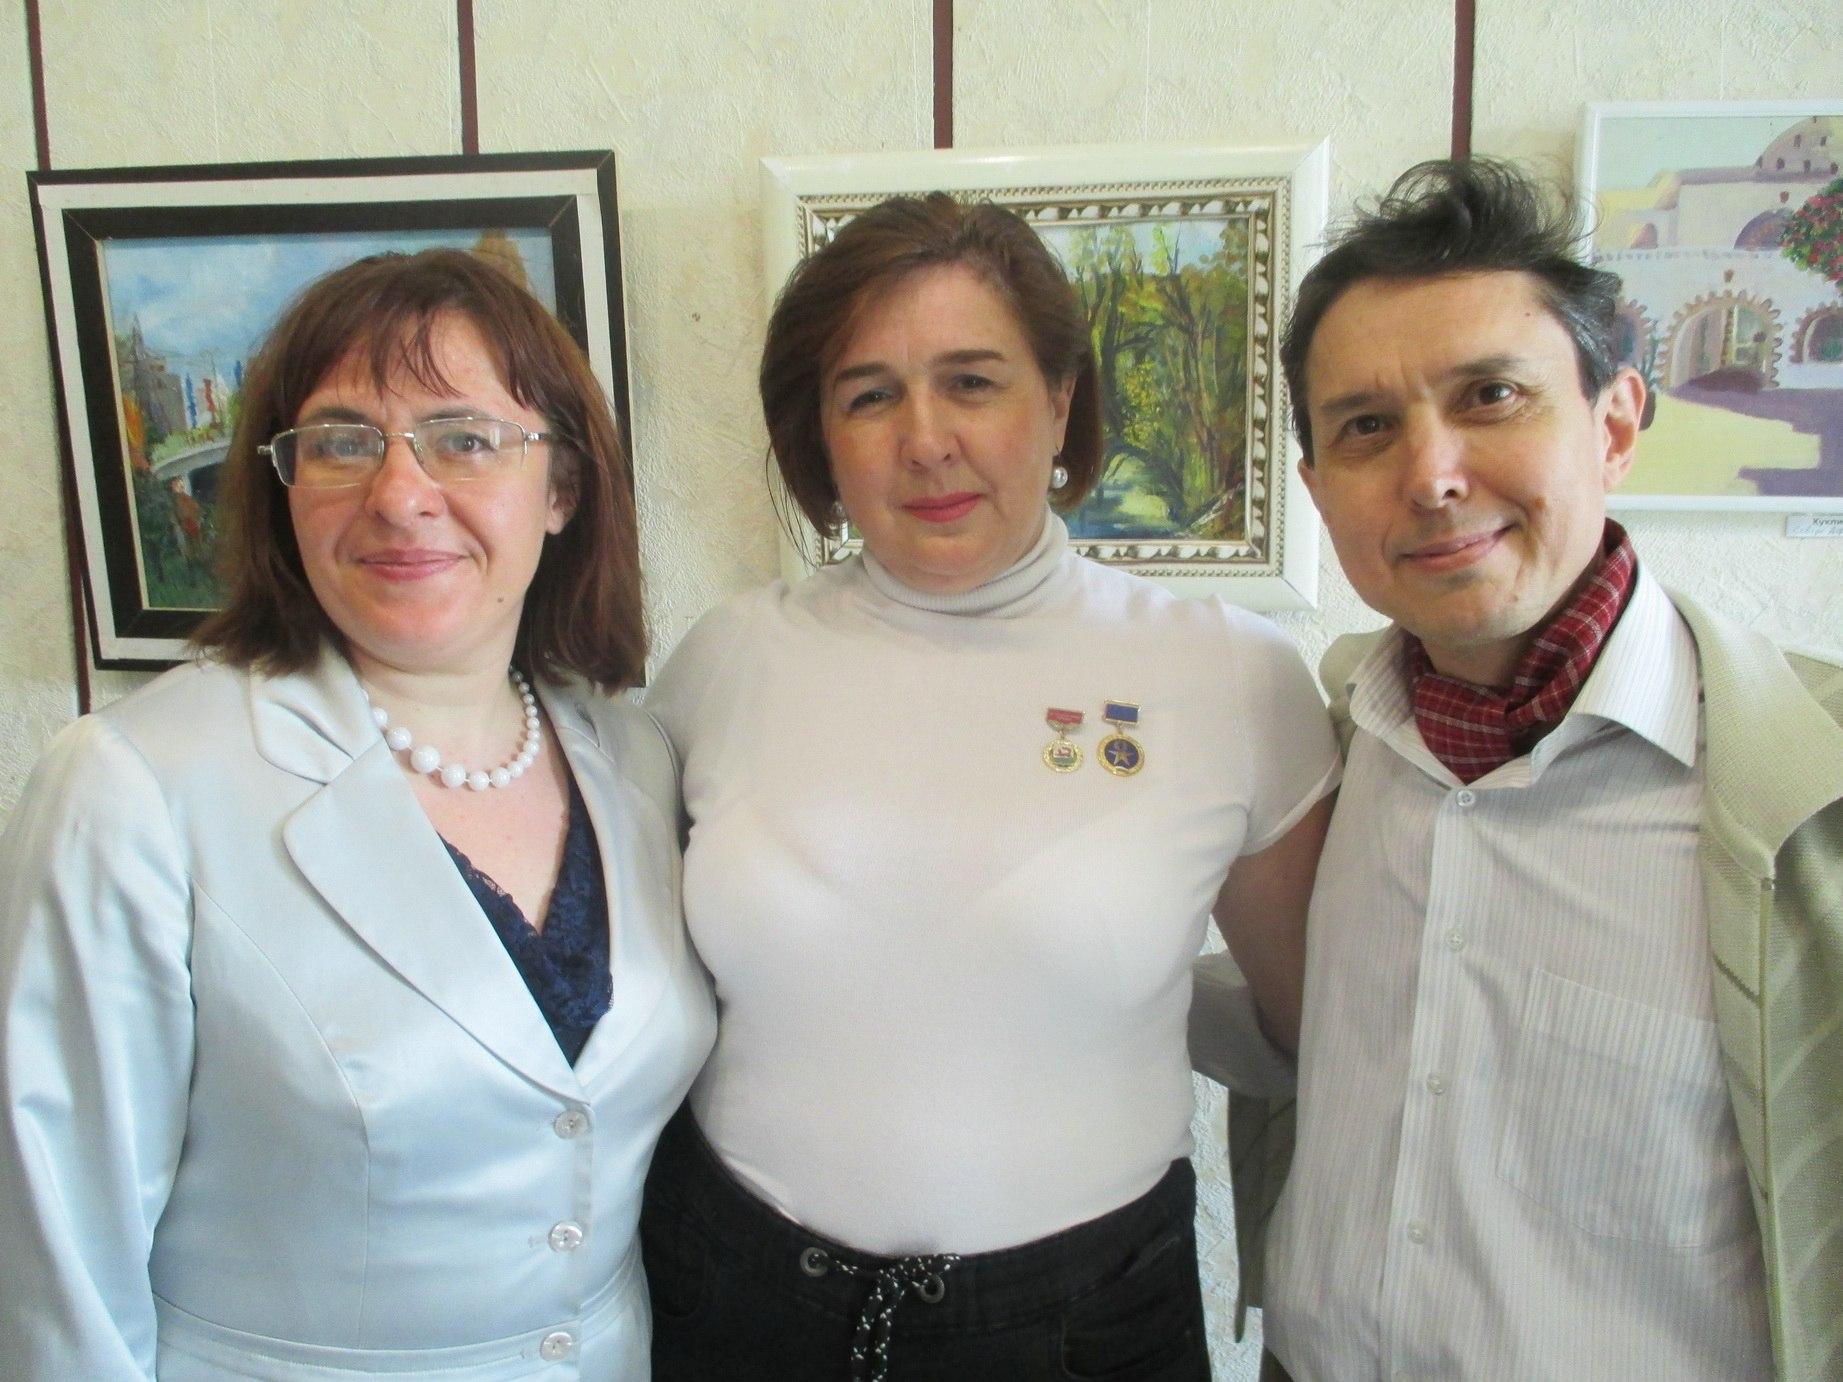 Открытие художественной выставки «Две сестры»: Юлия Куклина и Алина Михайлова представили свои работы